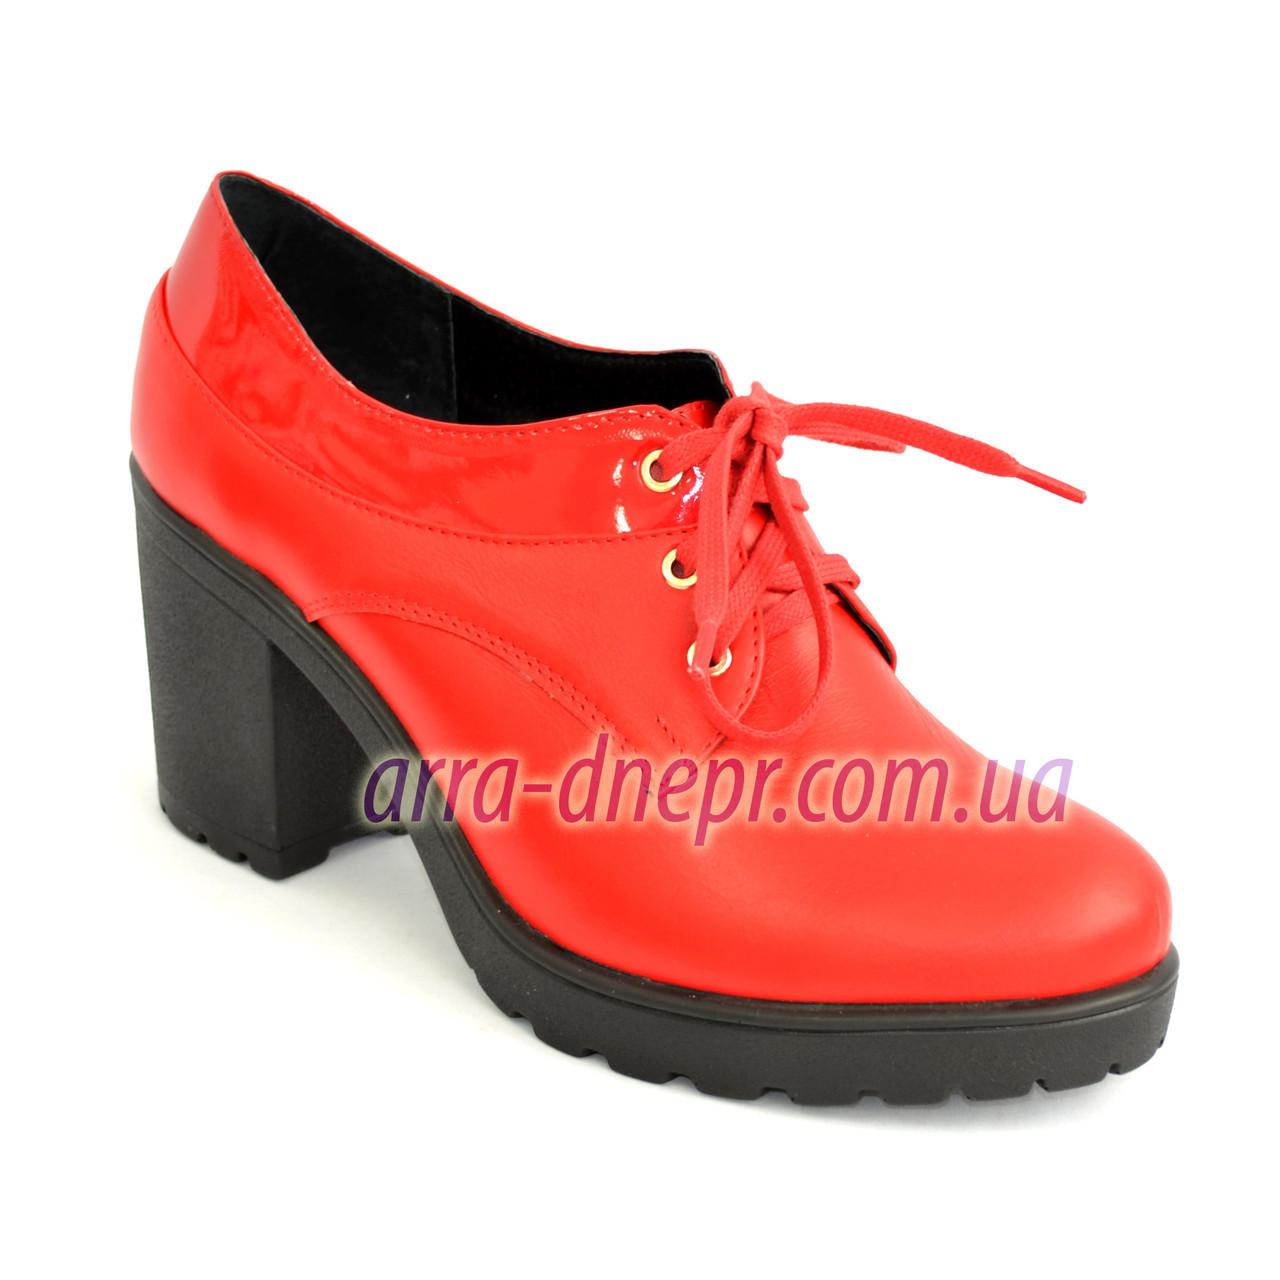 Женские кожаные туфли на шнуровке из натуральной кожи красного цвета, устойчивый каблук